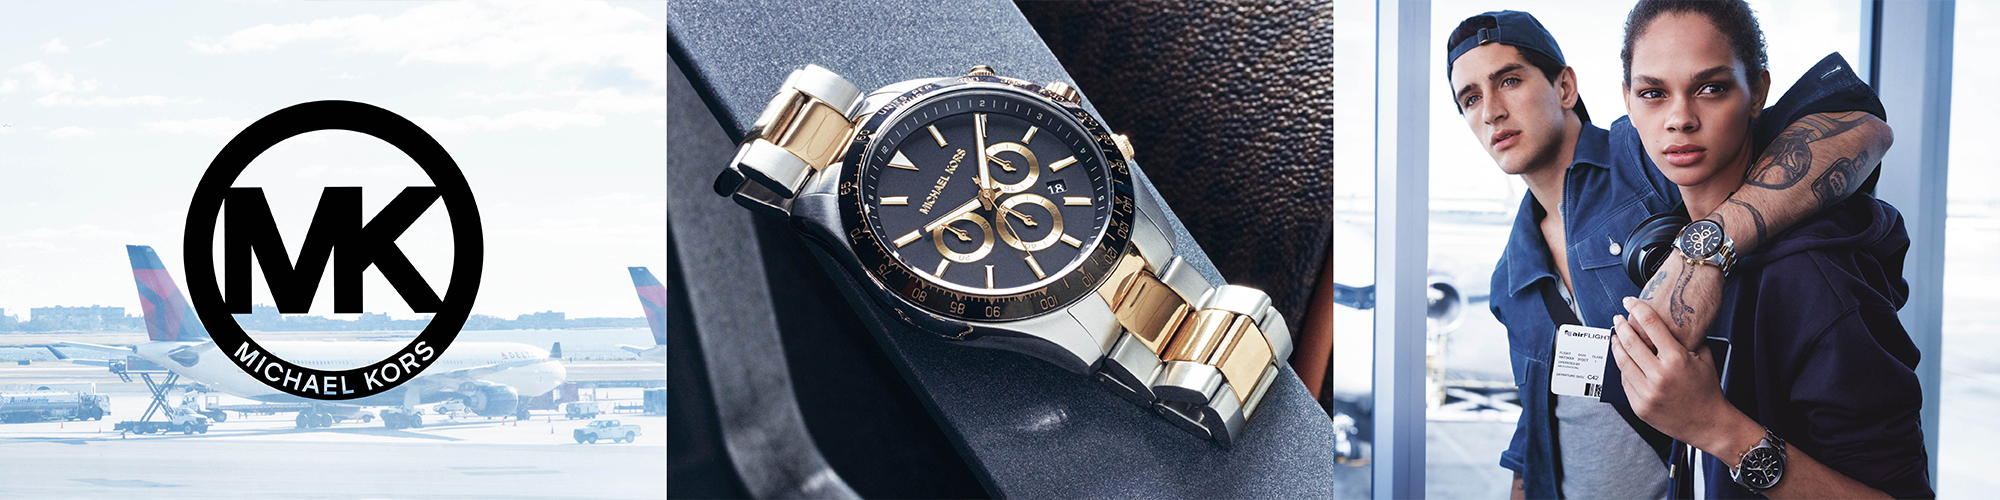 Michael Kors Uhren und Schmuck online bestellen |